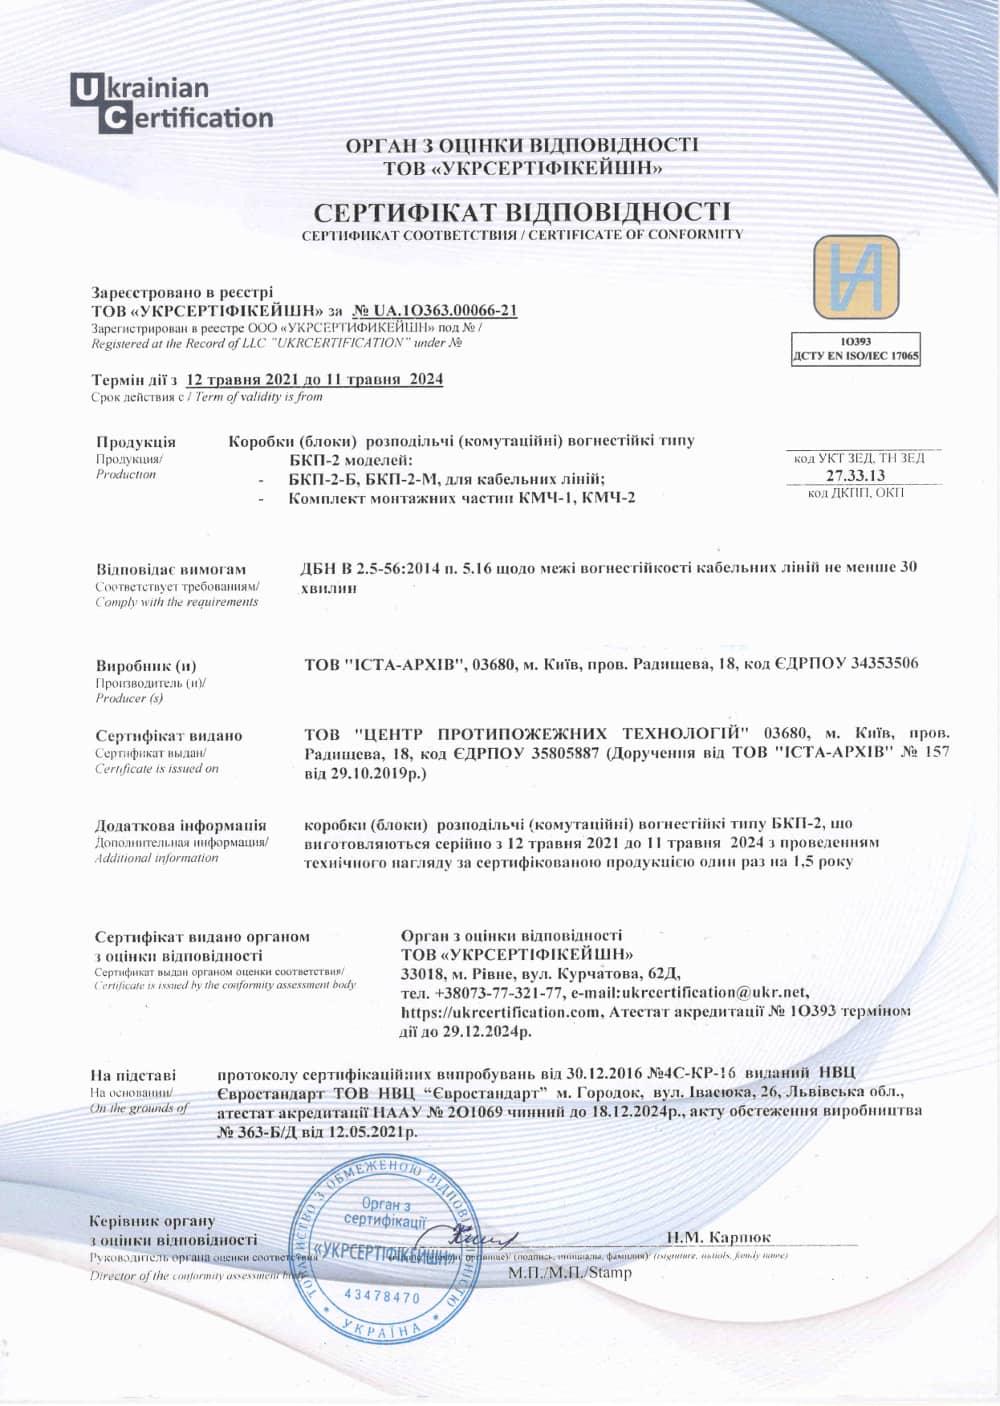 Сертифікат відповідності на коробки розподільчі вогнестійки БКП-2